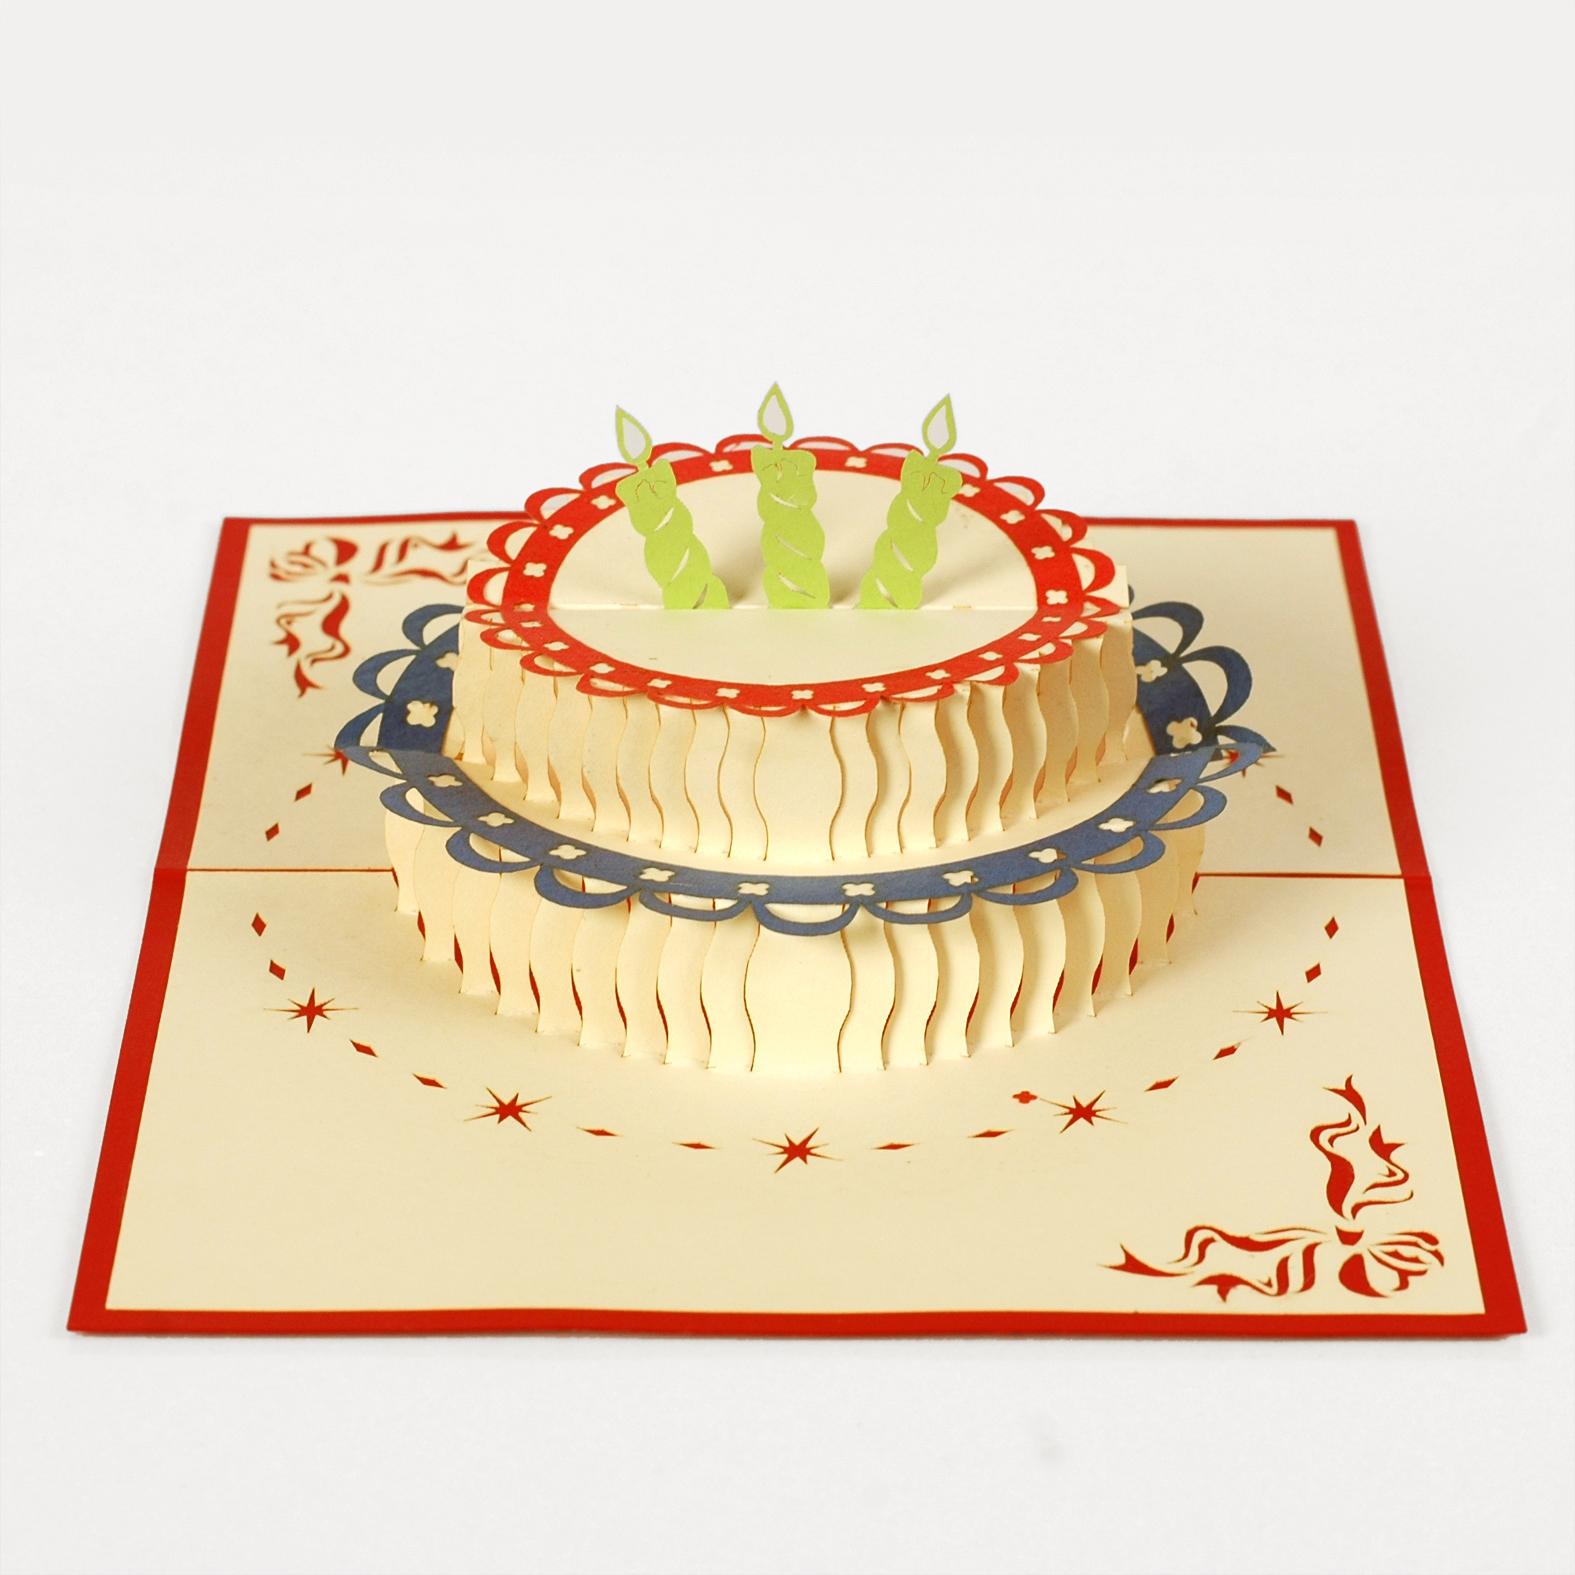 открытки с видами тортов изготовления долларов